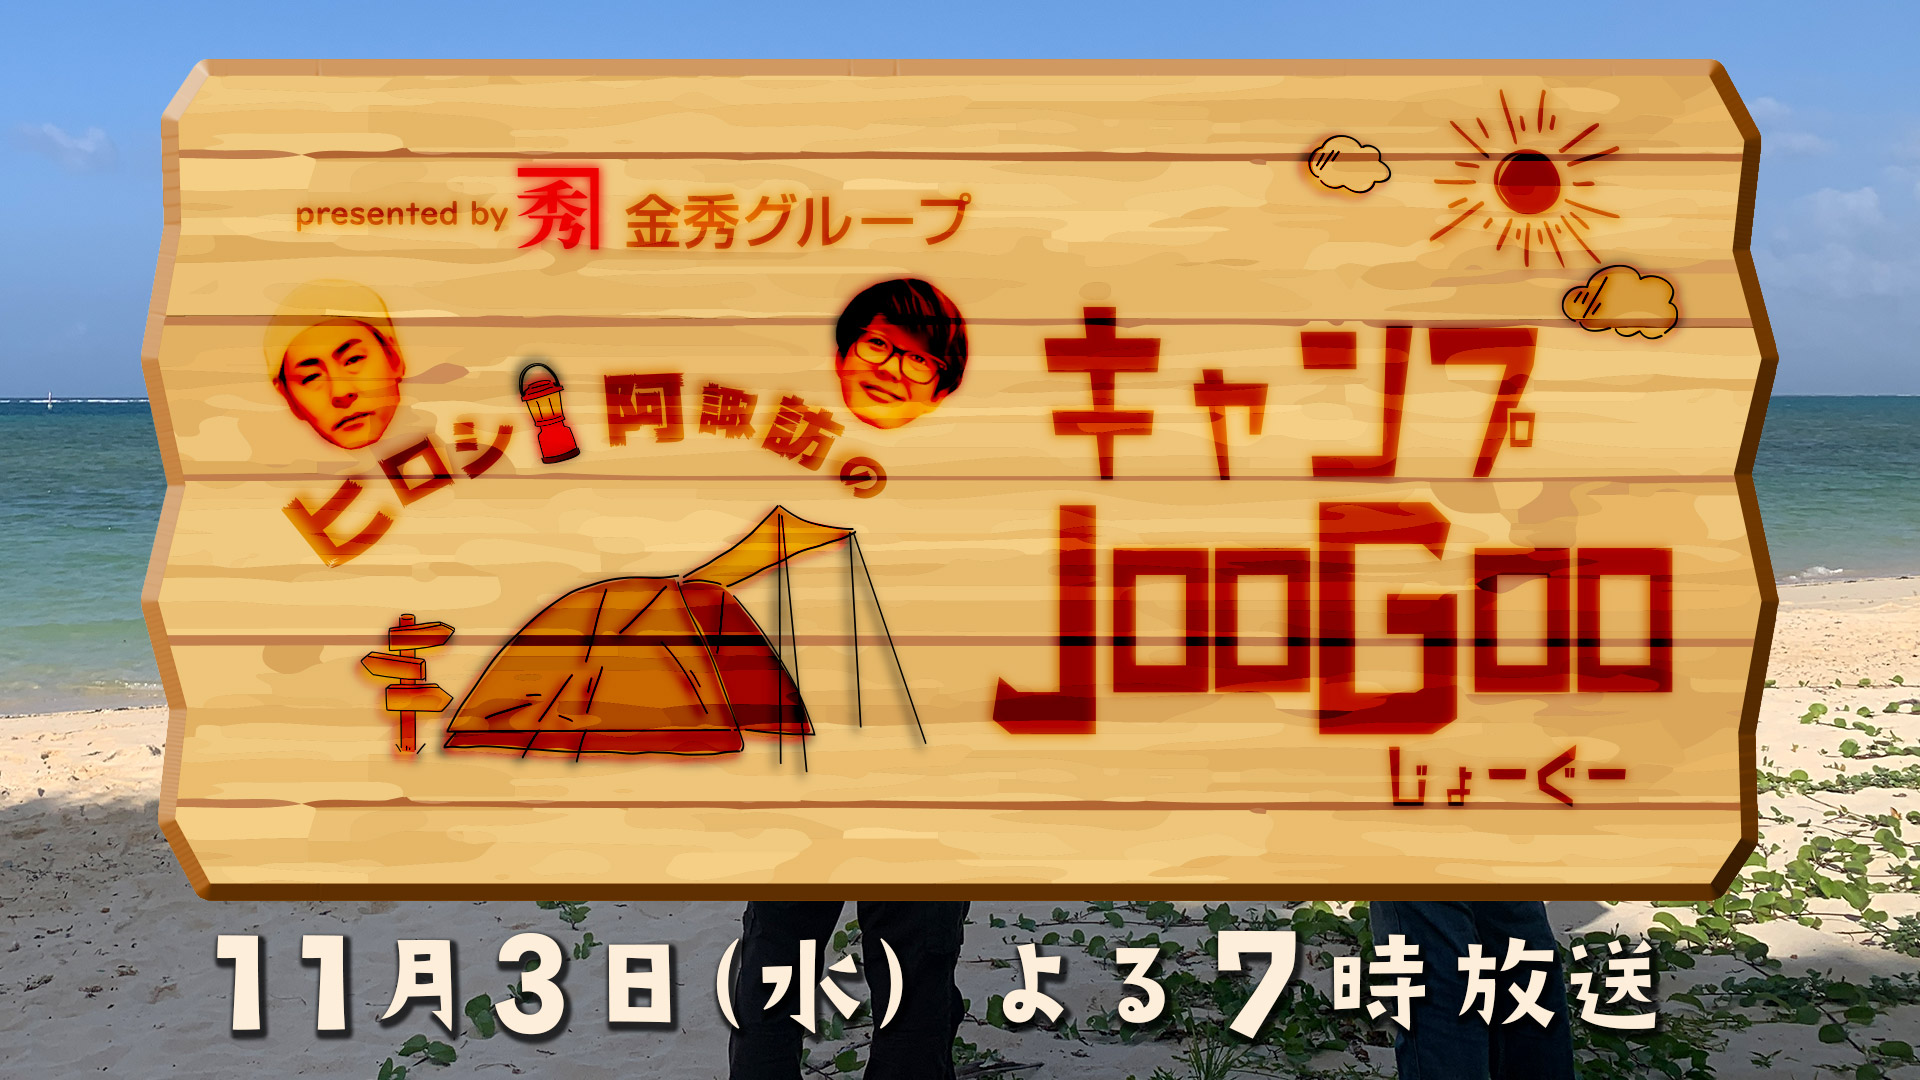 金秀グループプレゼンツ ヒロシ・阿諏訪のキャンプJooGoo